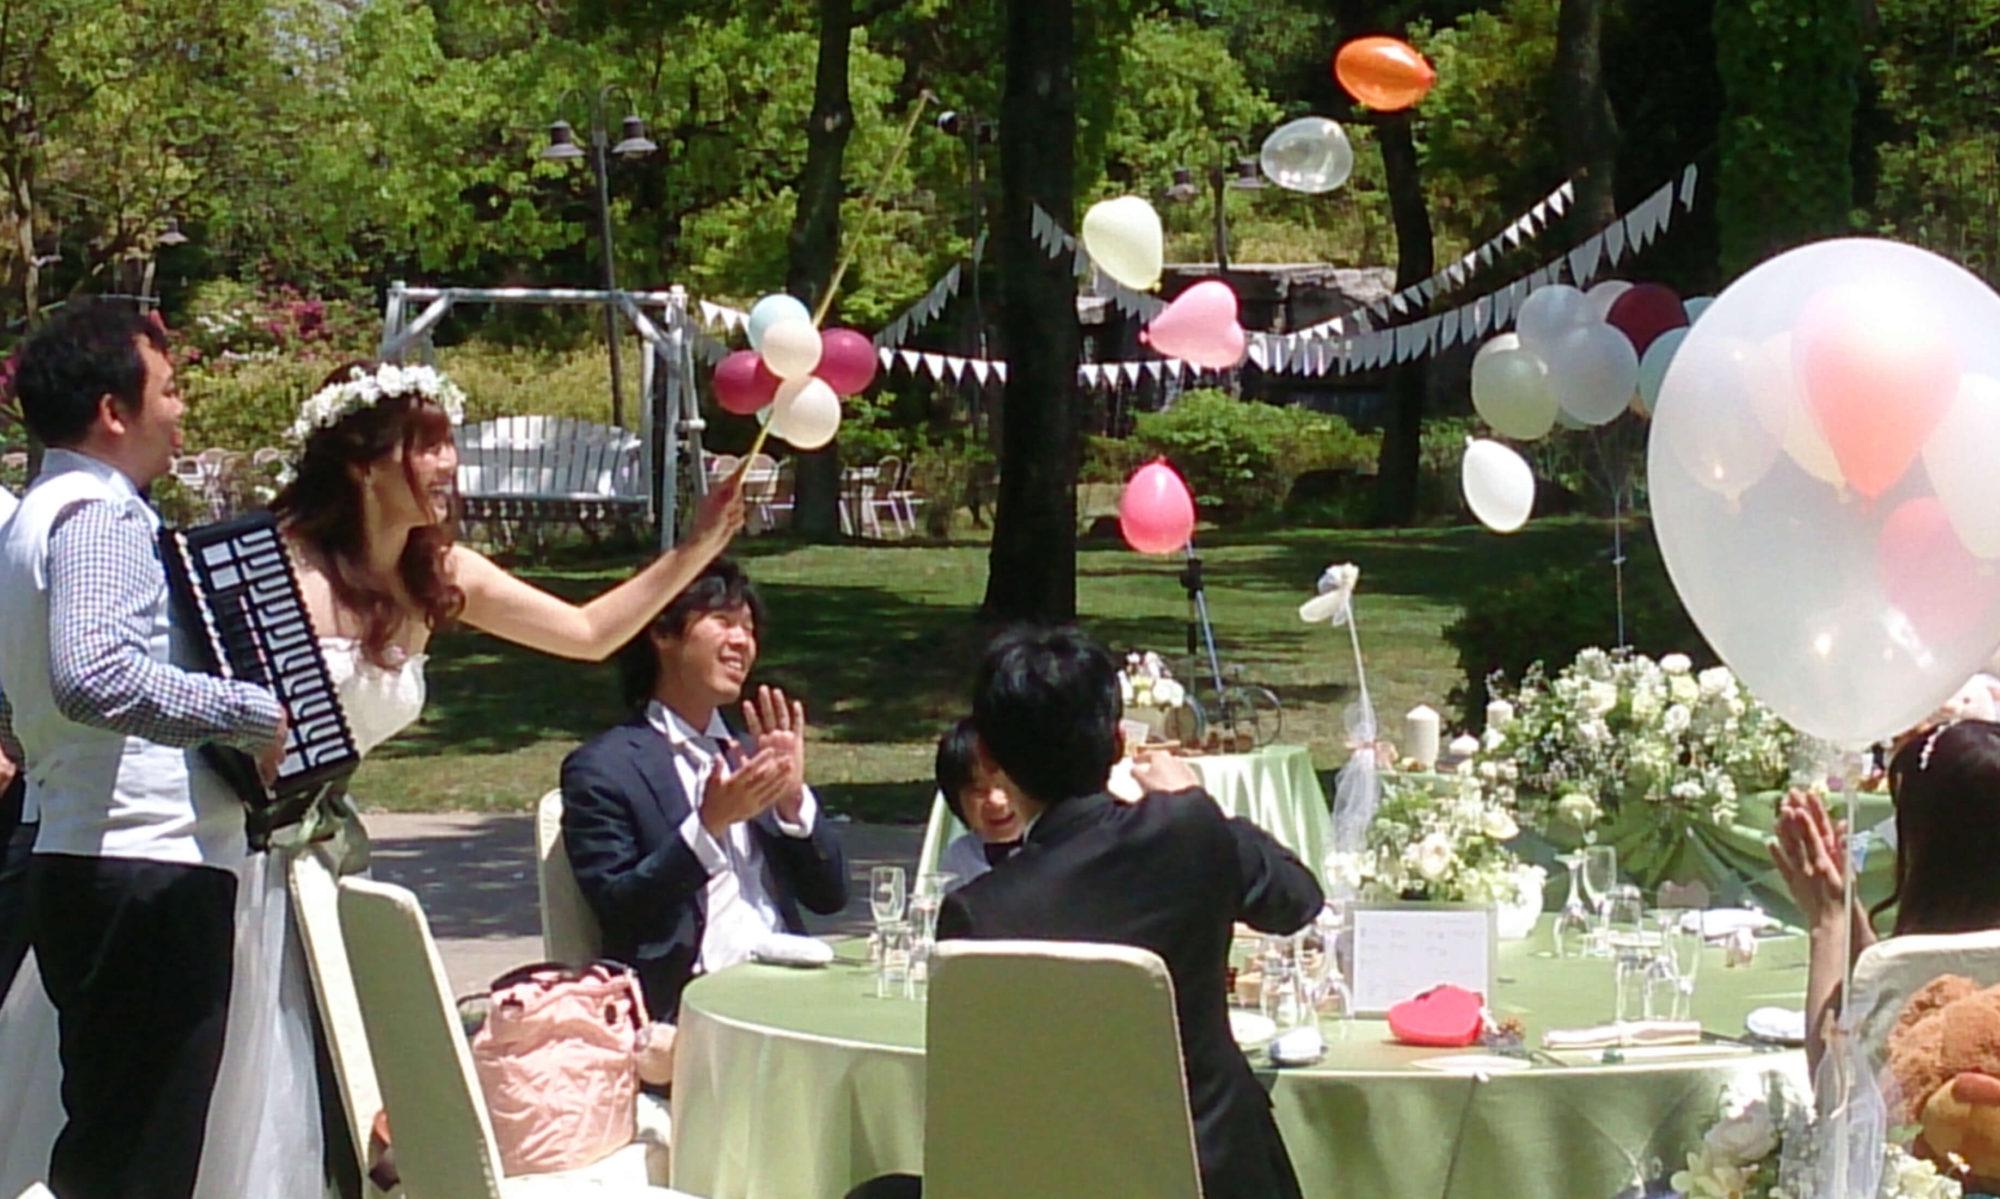 【公式】姫路市近郊にある森の中の結婚式|ホテルサンシャイン青山(姫路市)